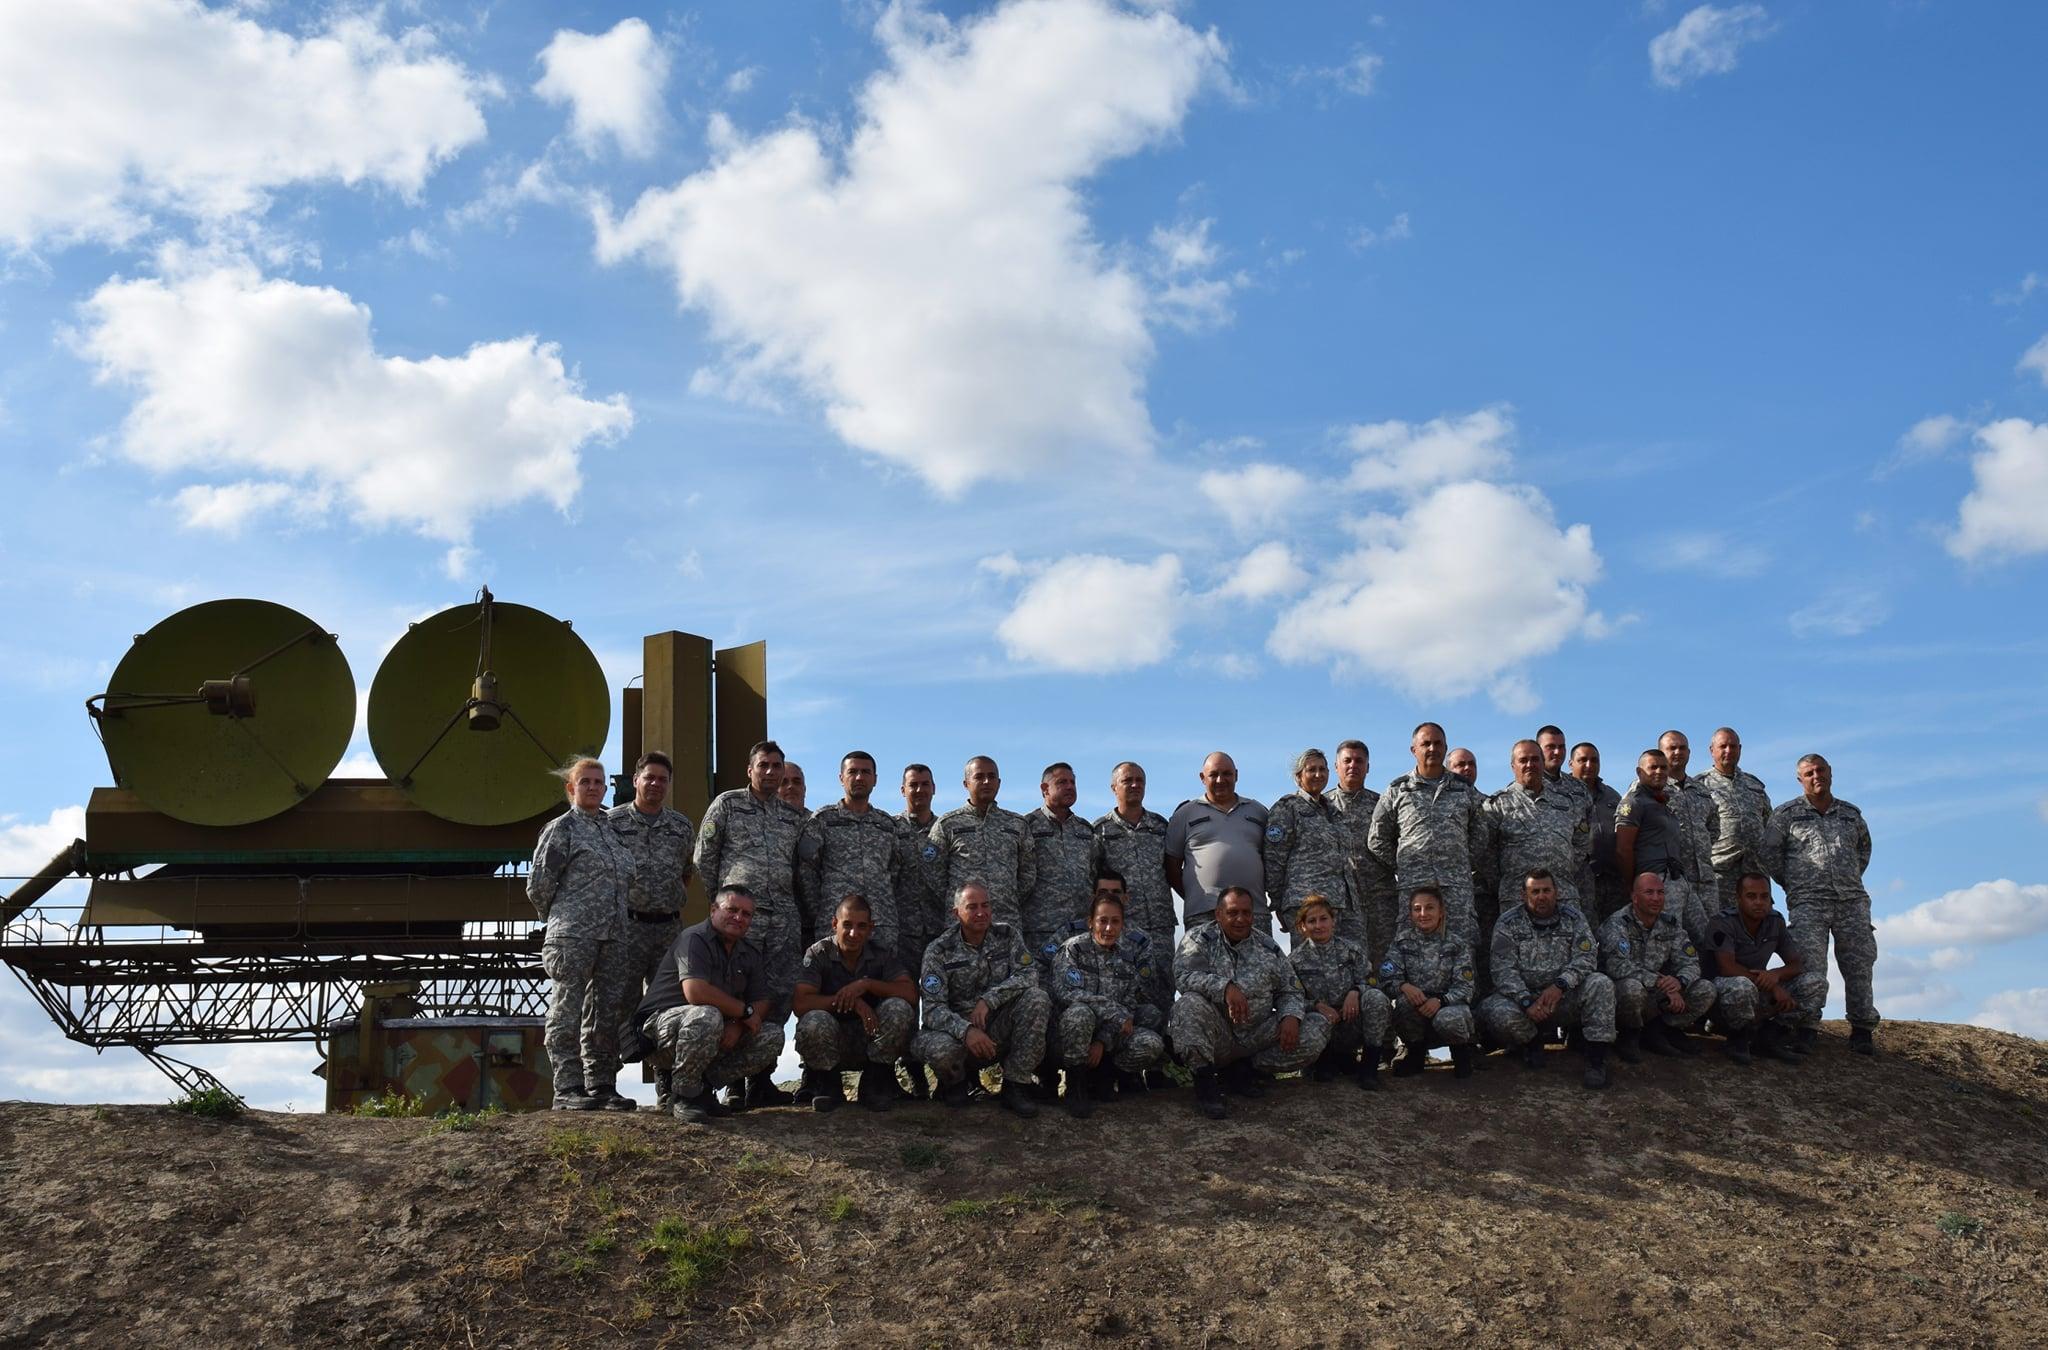 """Разчетите на зенитно-ракетен комплекс С-75 м3*""""Волхов"""" ще проведат експериментални и бойни стрелби за първи път от десет години по време на """"Шабла 2021-2"""""""